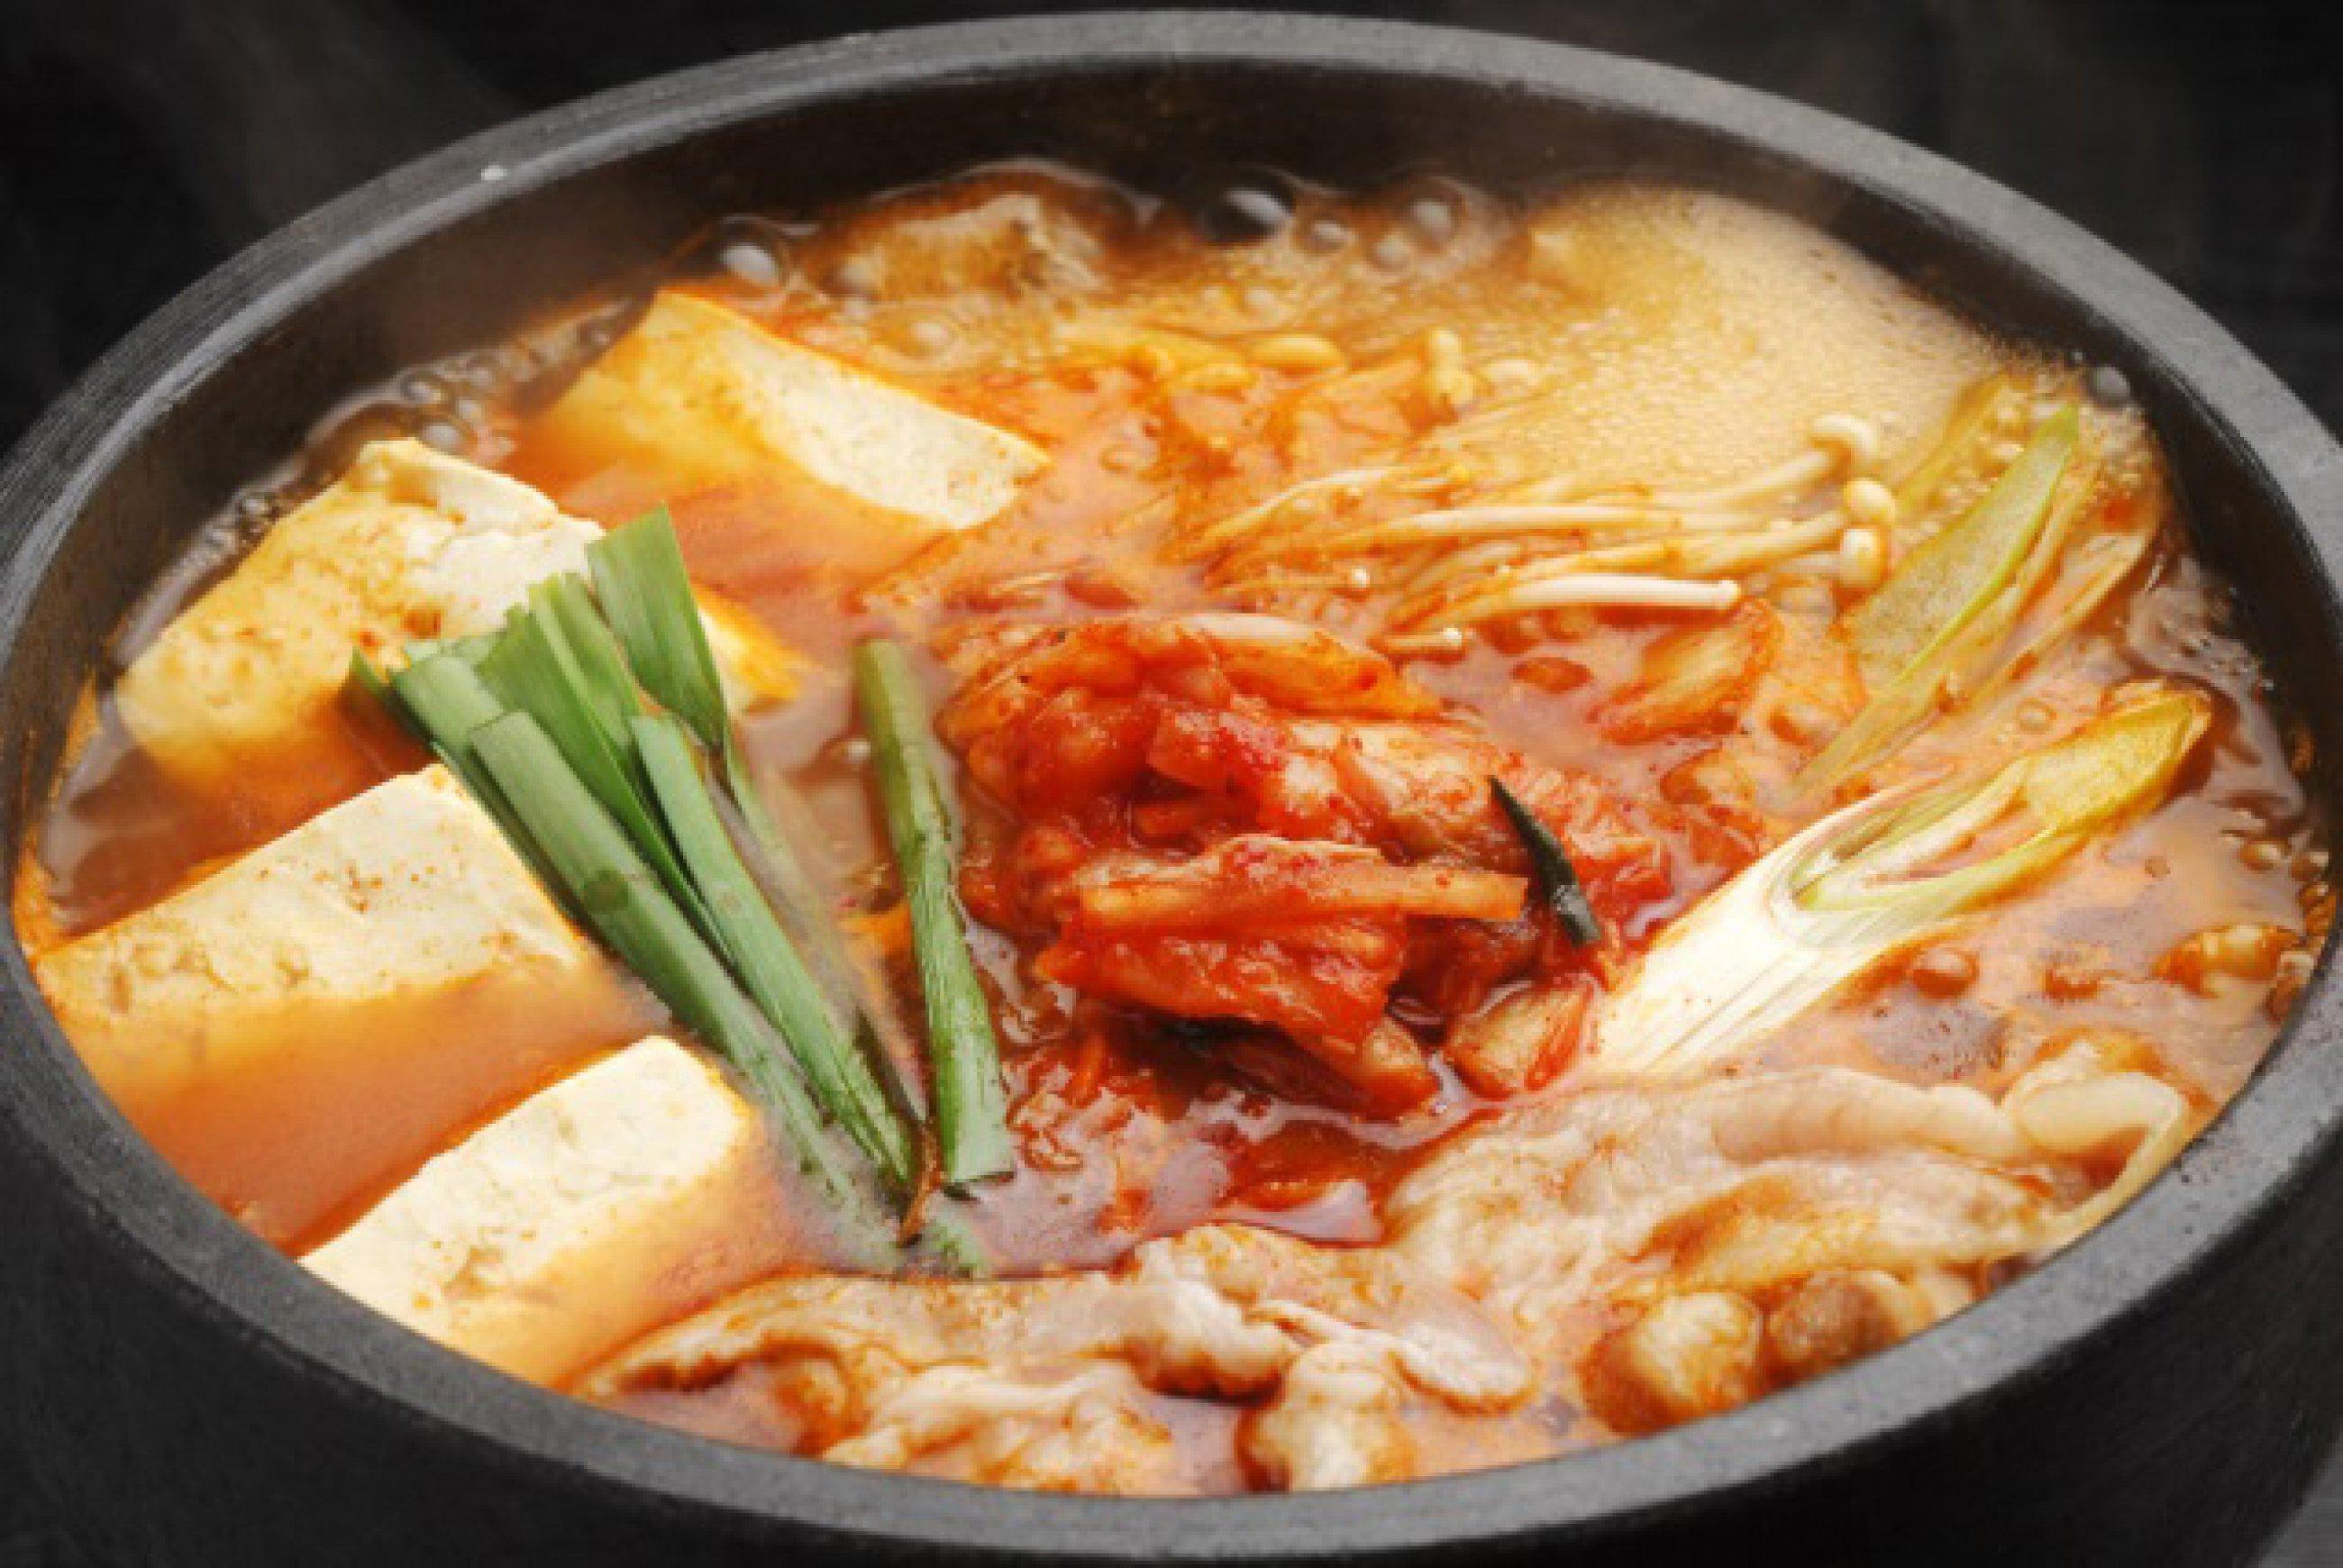 https://bubo.sk/uploads/galleries/7452/kimchi-pot-kimchi-hotpot.jpg